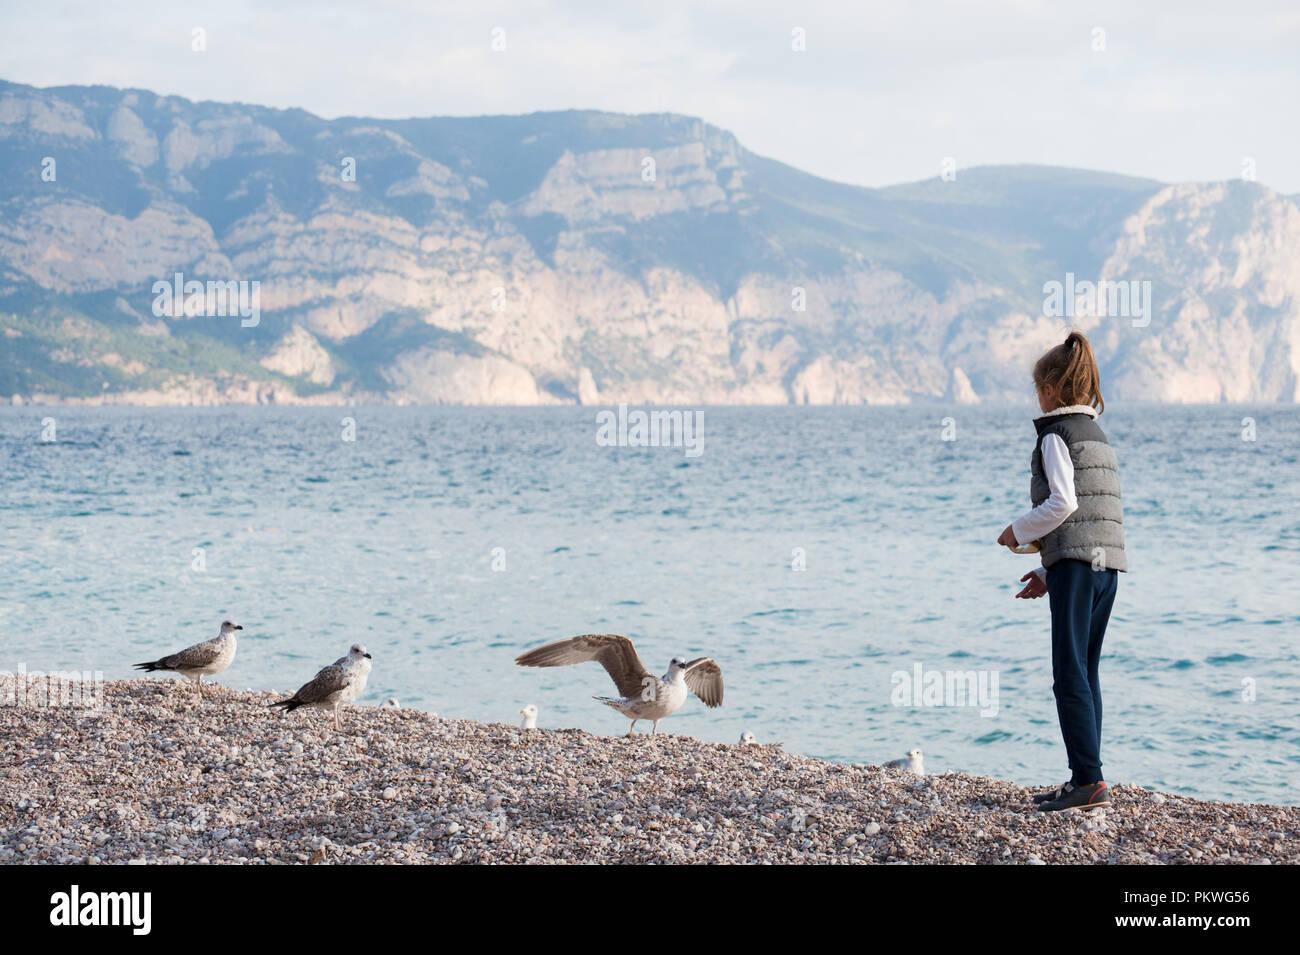 Möwen Am Jacke Herbst Im Meer Kleines In Füttern Mädchen 0wN8vnm